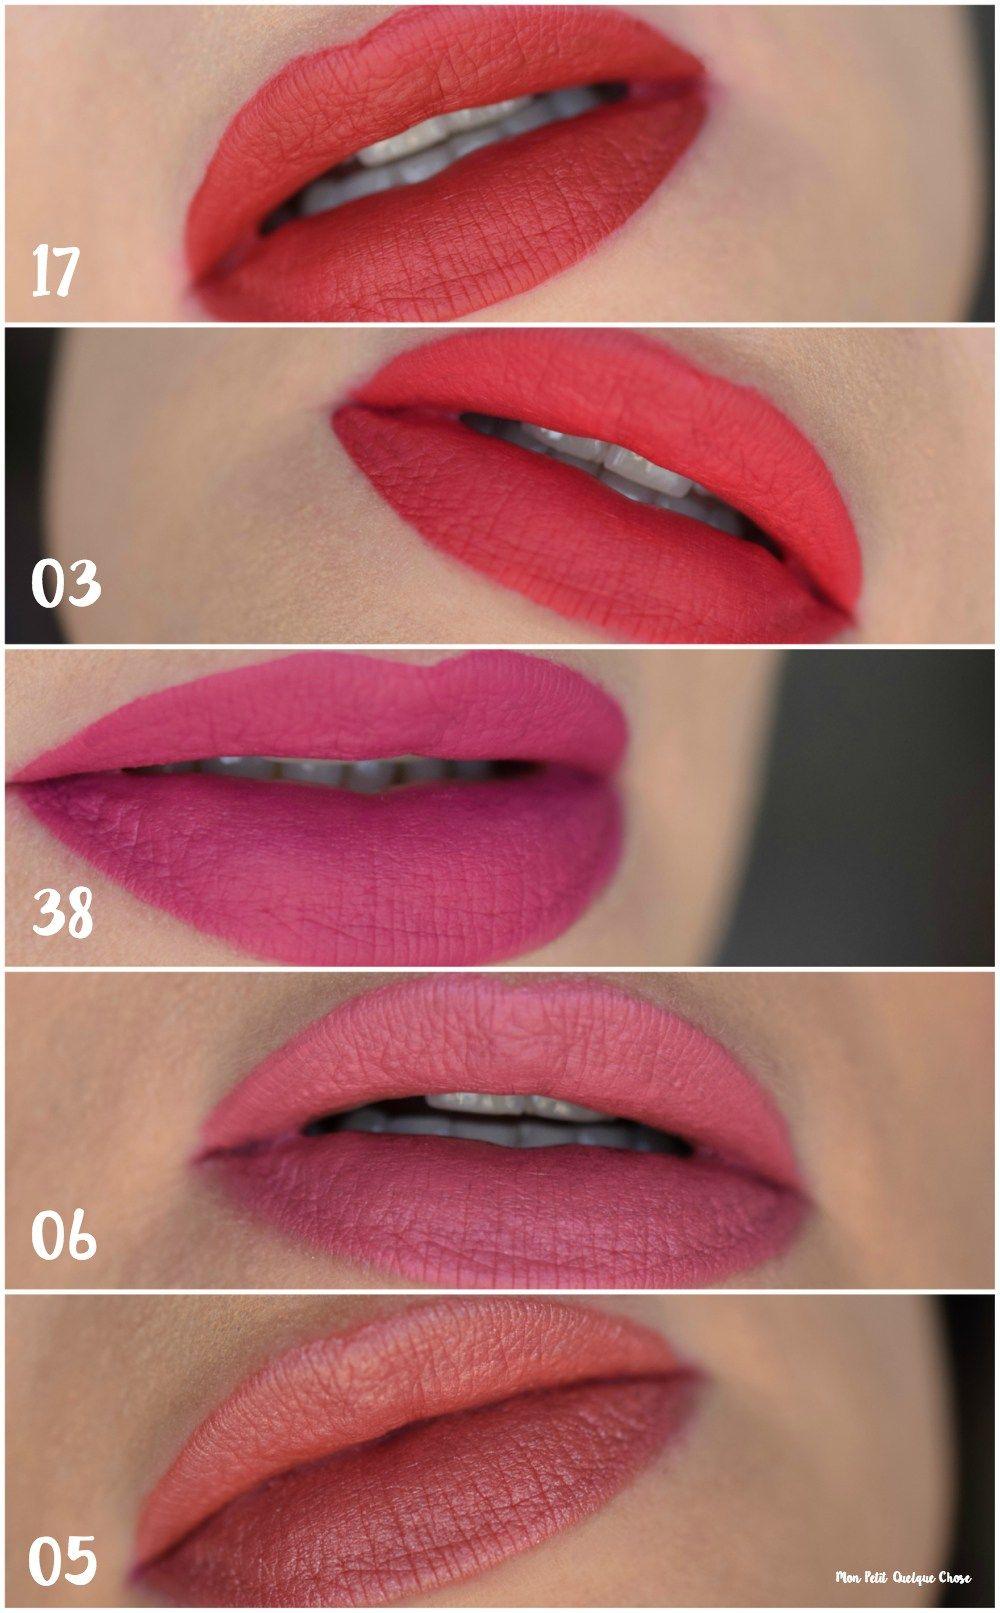 Rouge Velouté Sans Transfert De Sephora Rouges à Lèvres